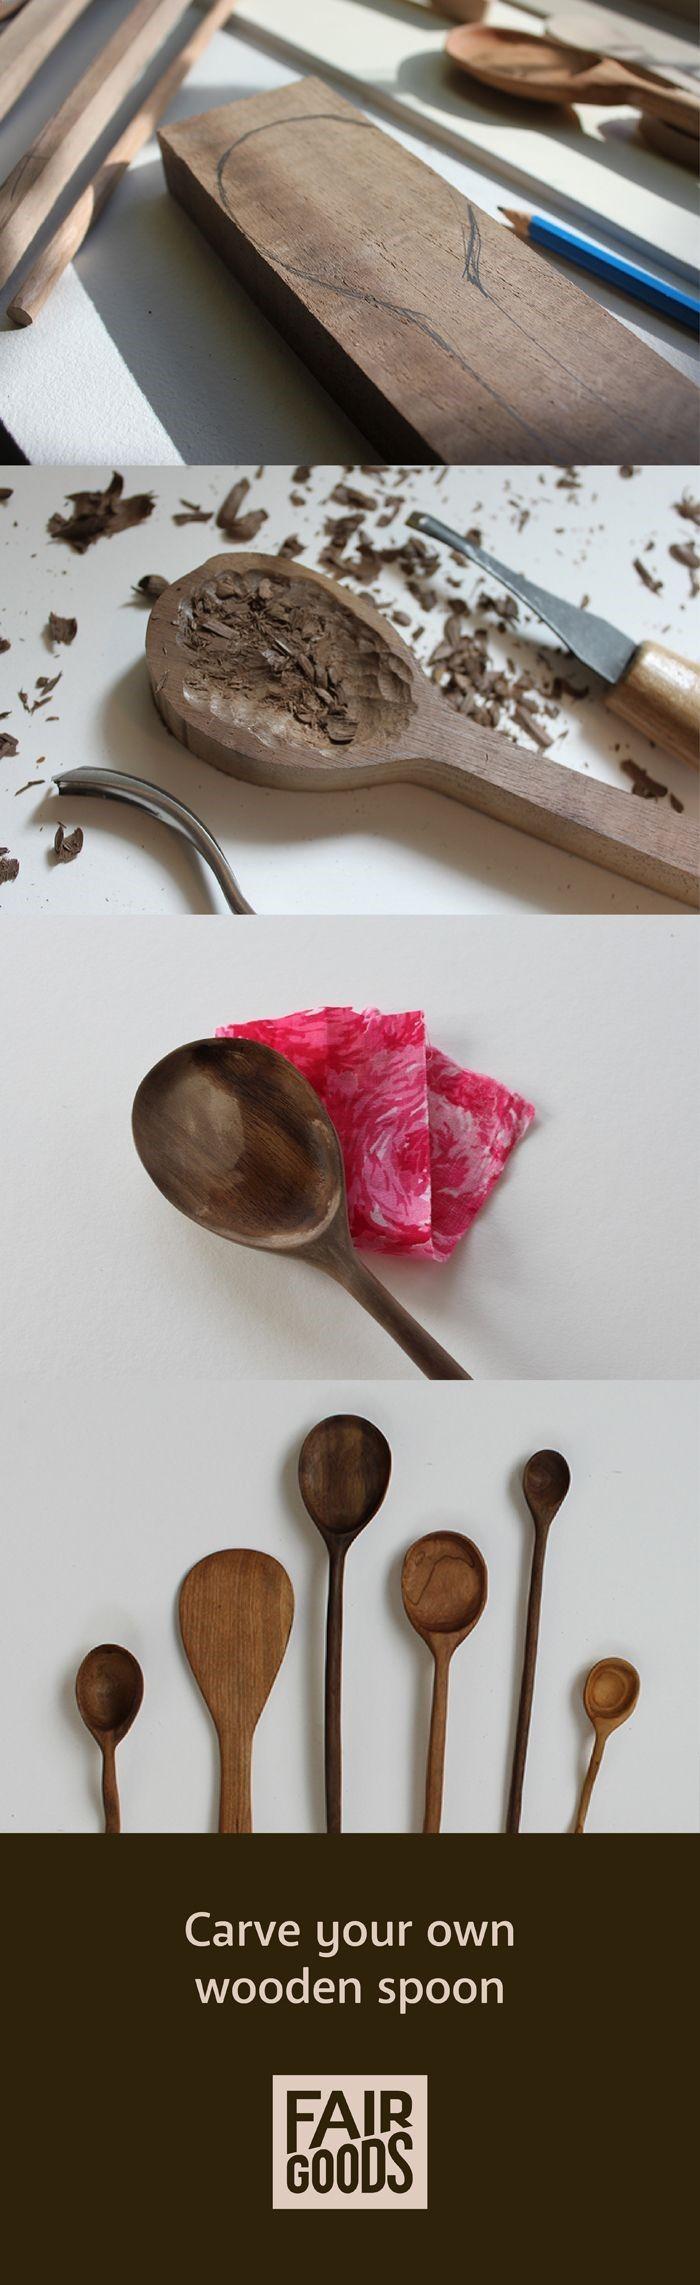 Les 25 meilleures id es de la cat gorie cuill res en bois sur pinterest cuill re en bois - Le coup de la cuillere en bois ...